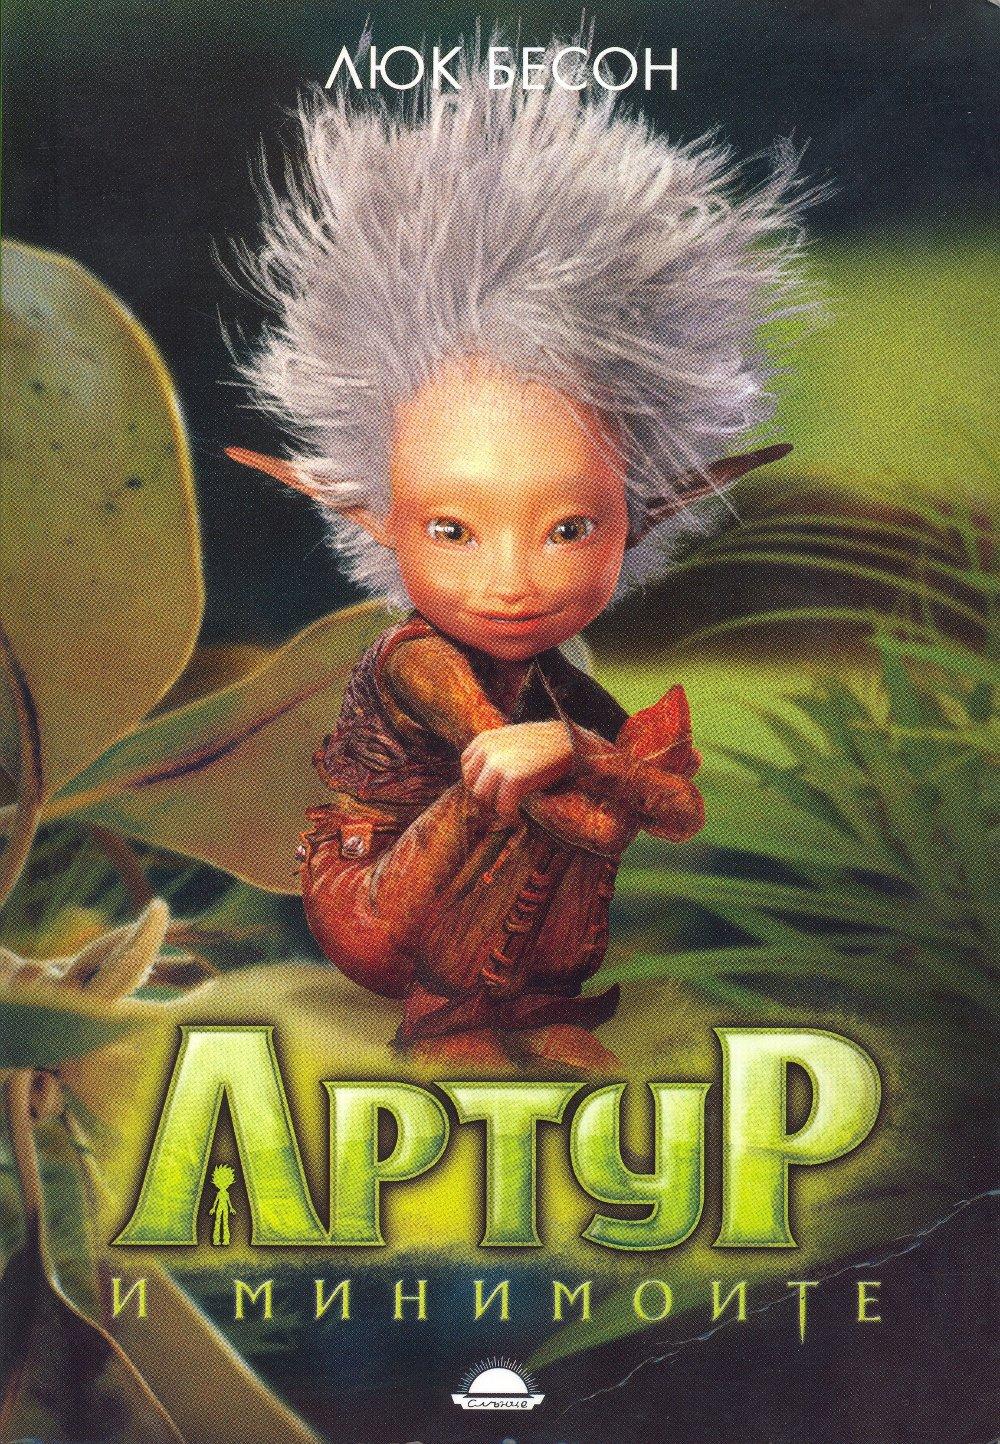 Артур и минипуты книга скачать fb2